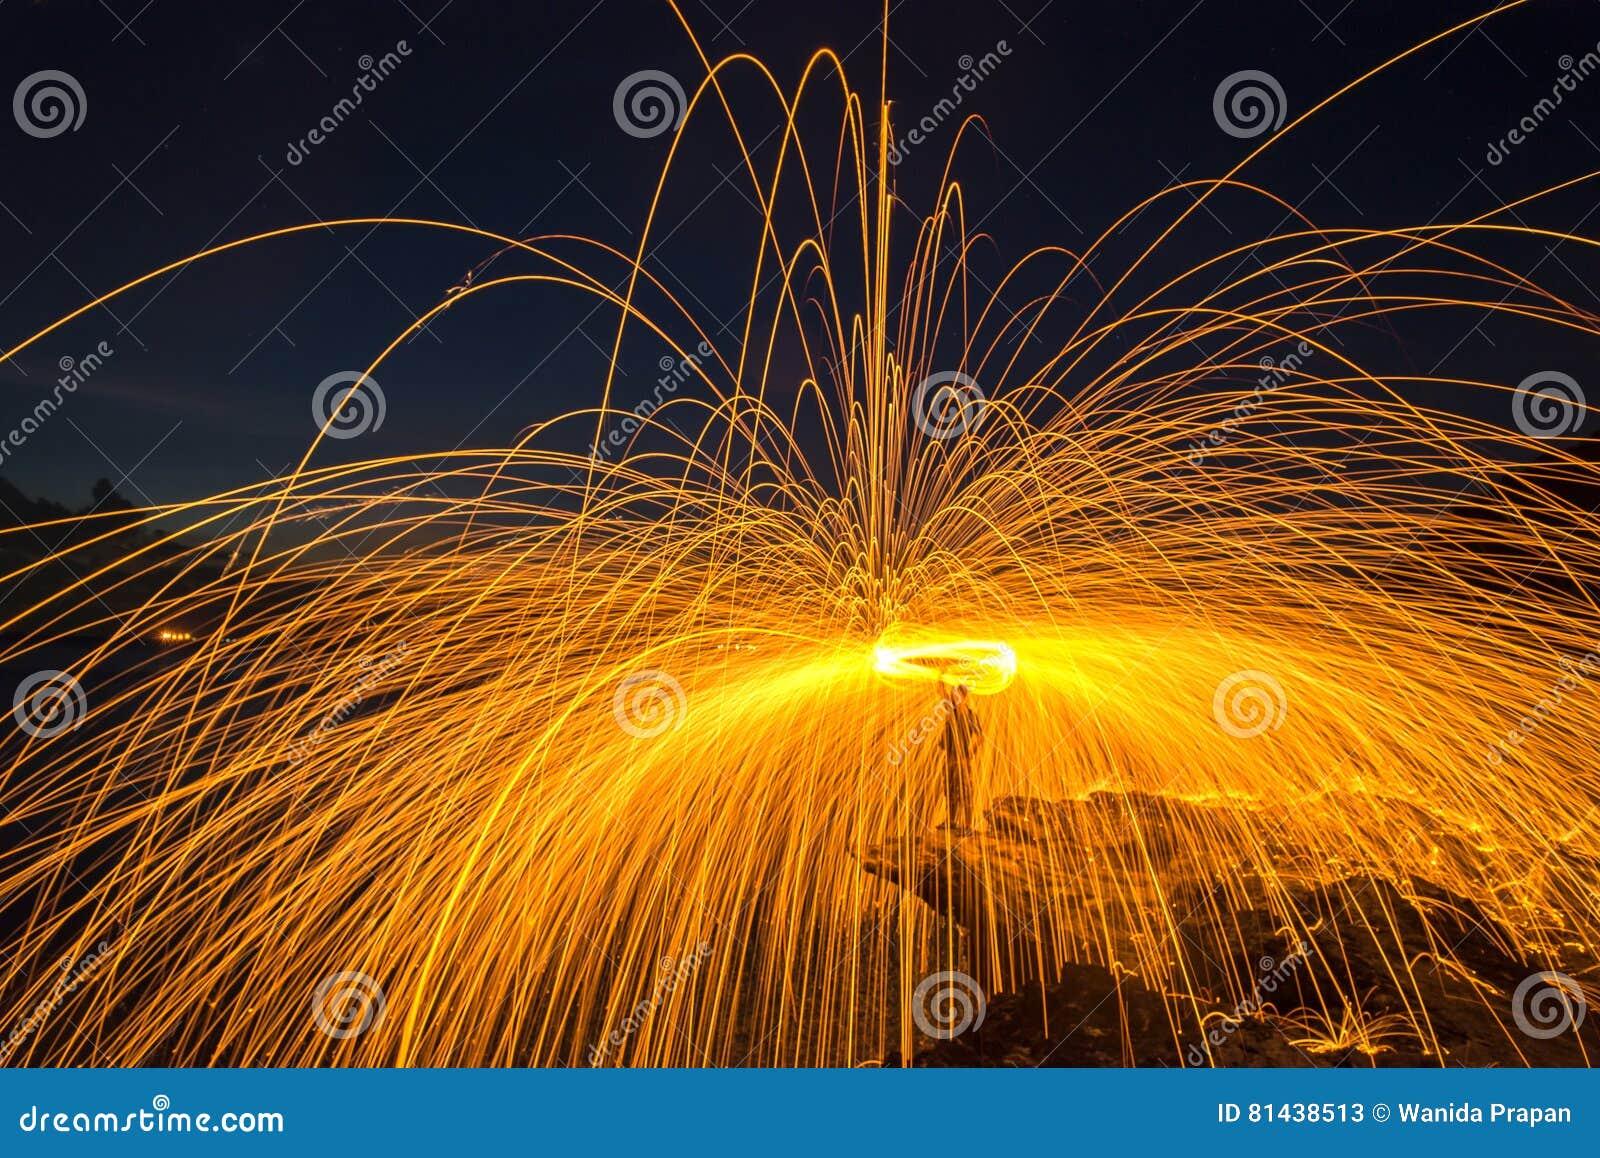 Duschen des heißen Glühens funkt von spinnender Stahlwolle auf dem Felsen